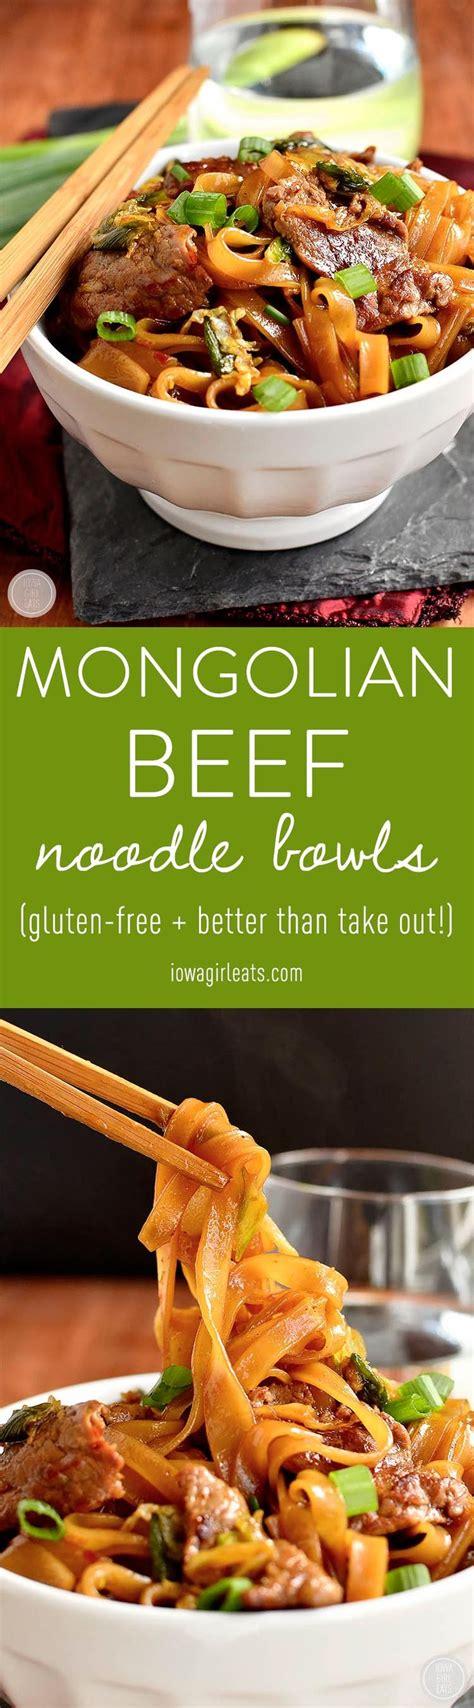 100 mongolian recipes on mongolian chicken